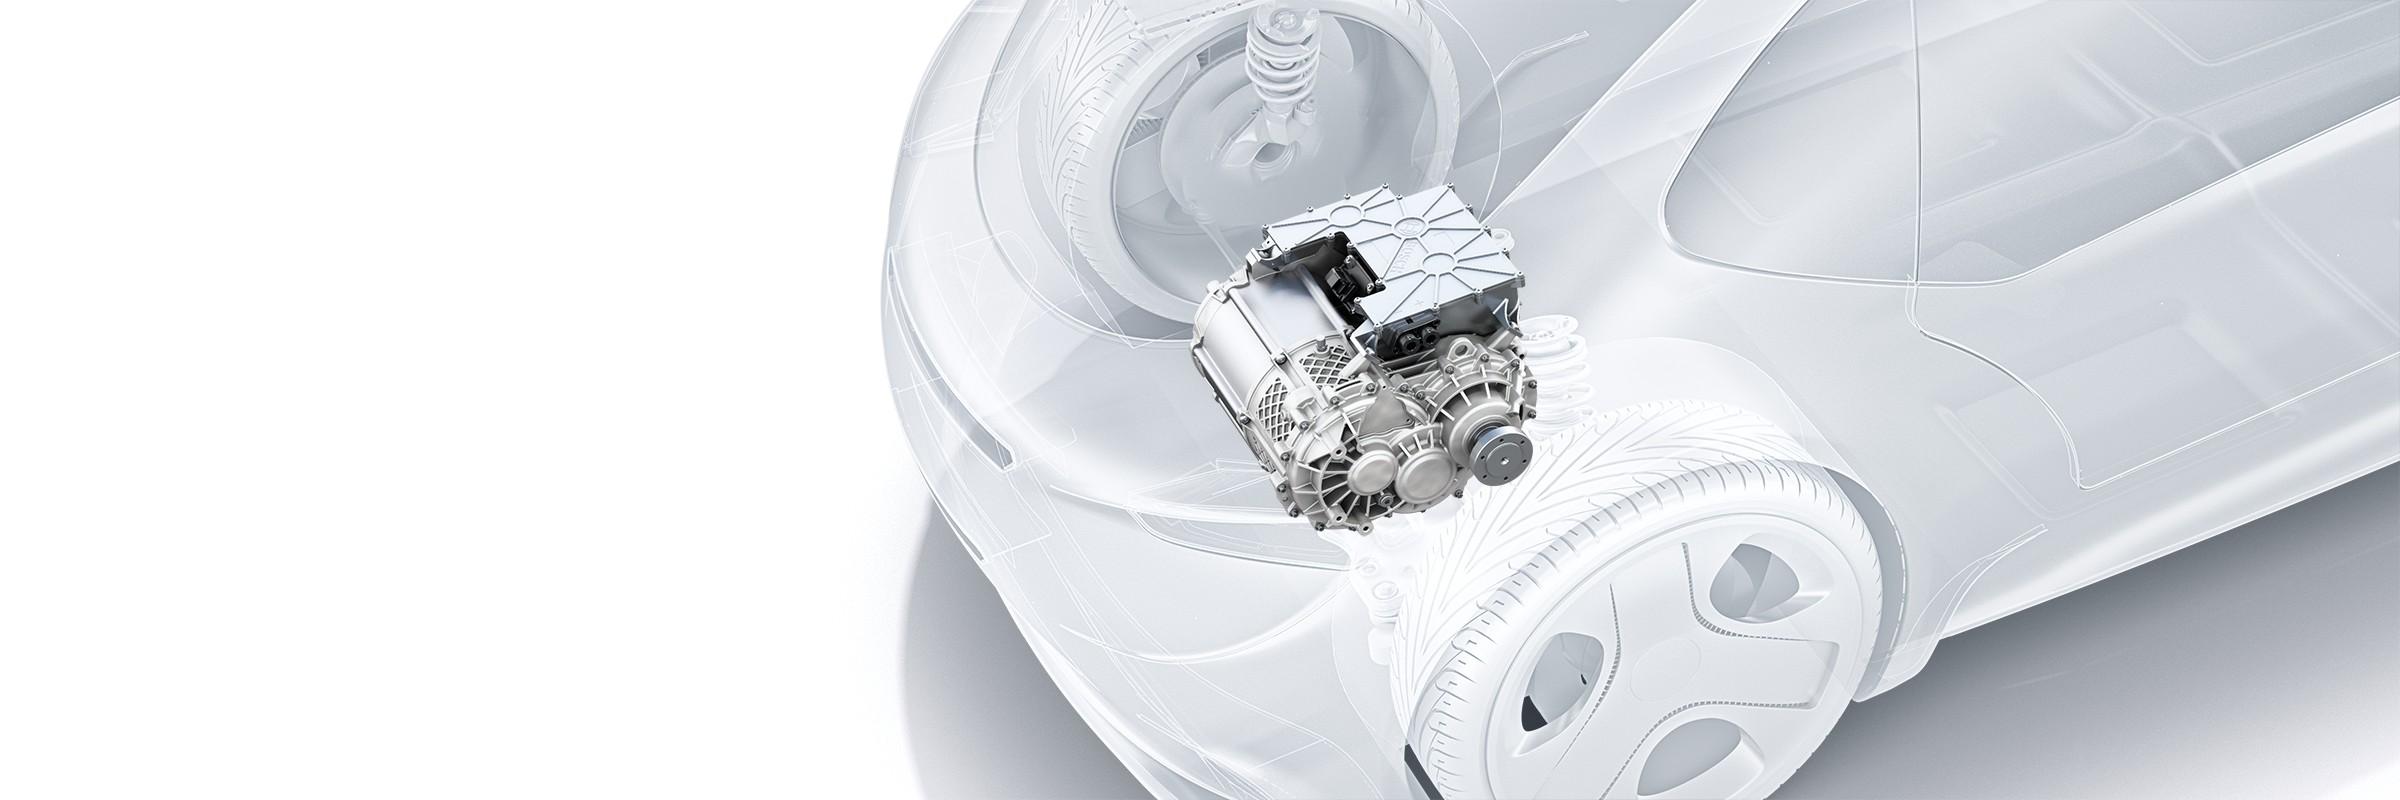 Das elektrische Achsantriebssystem